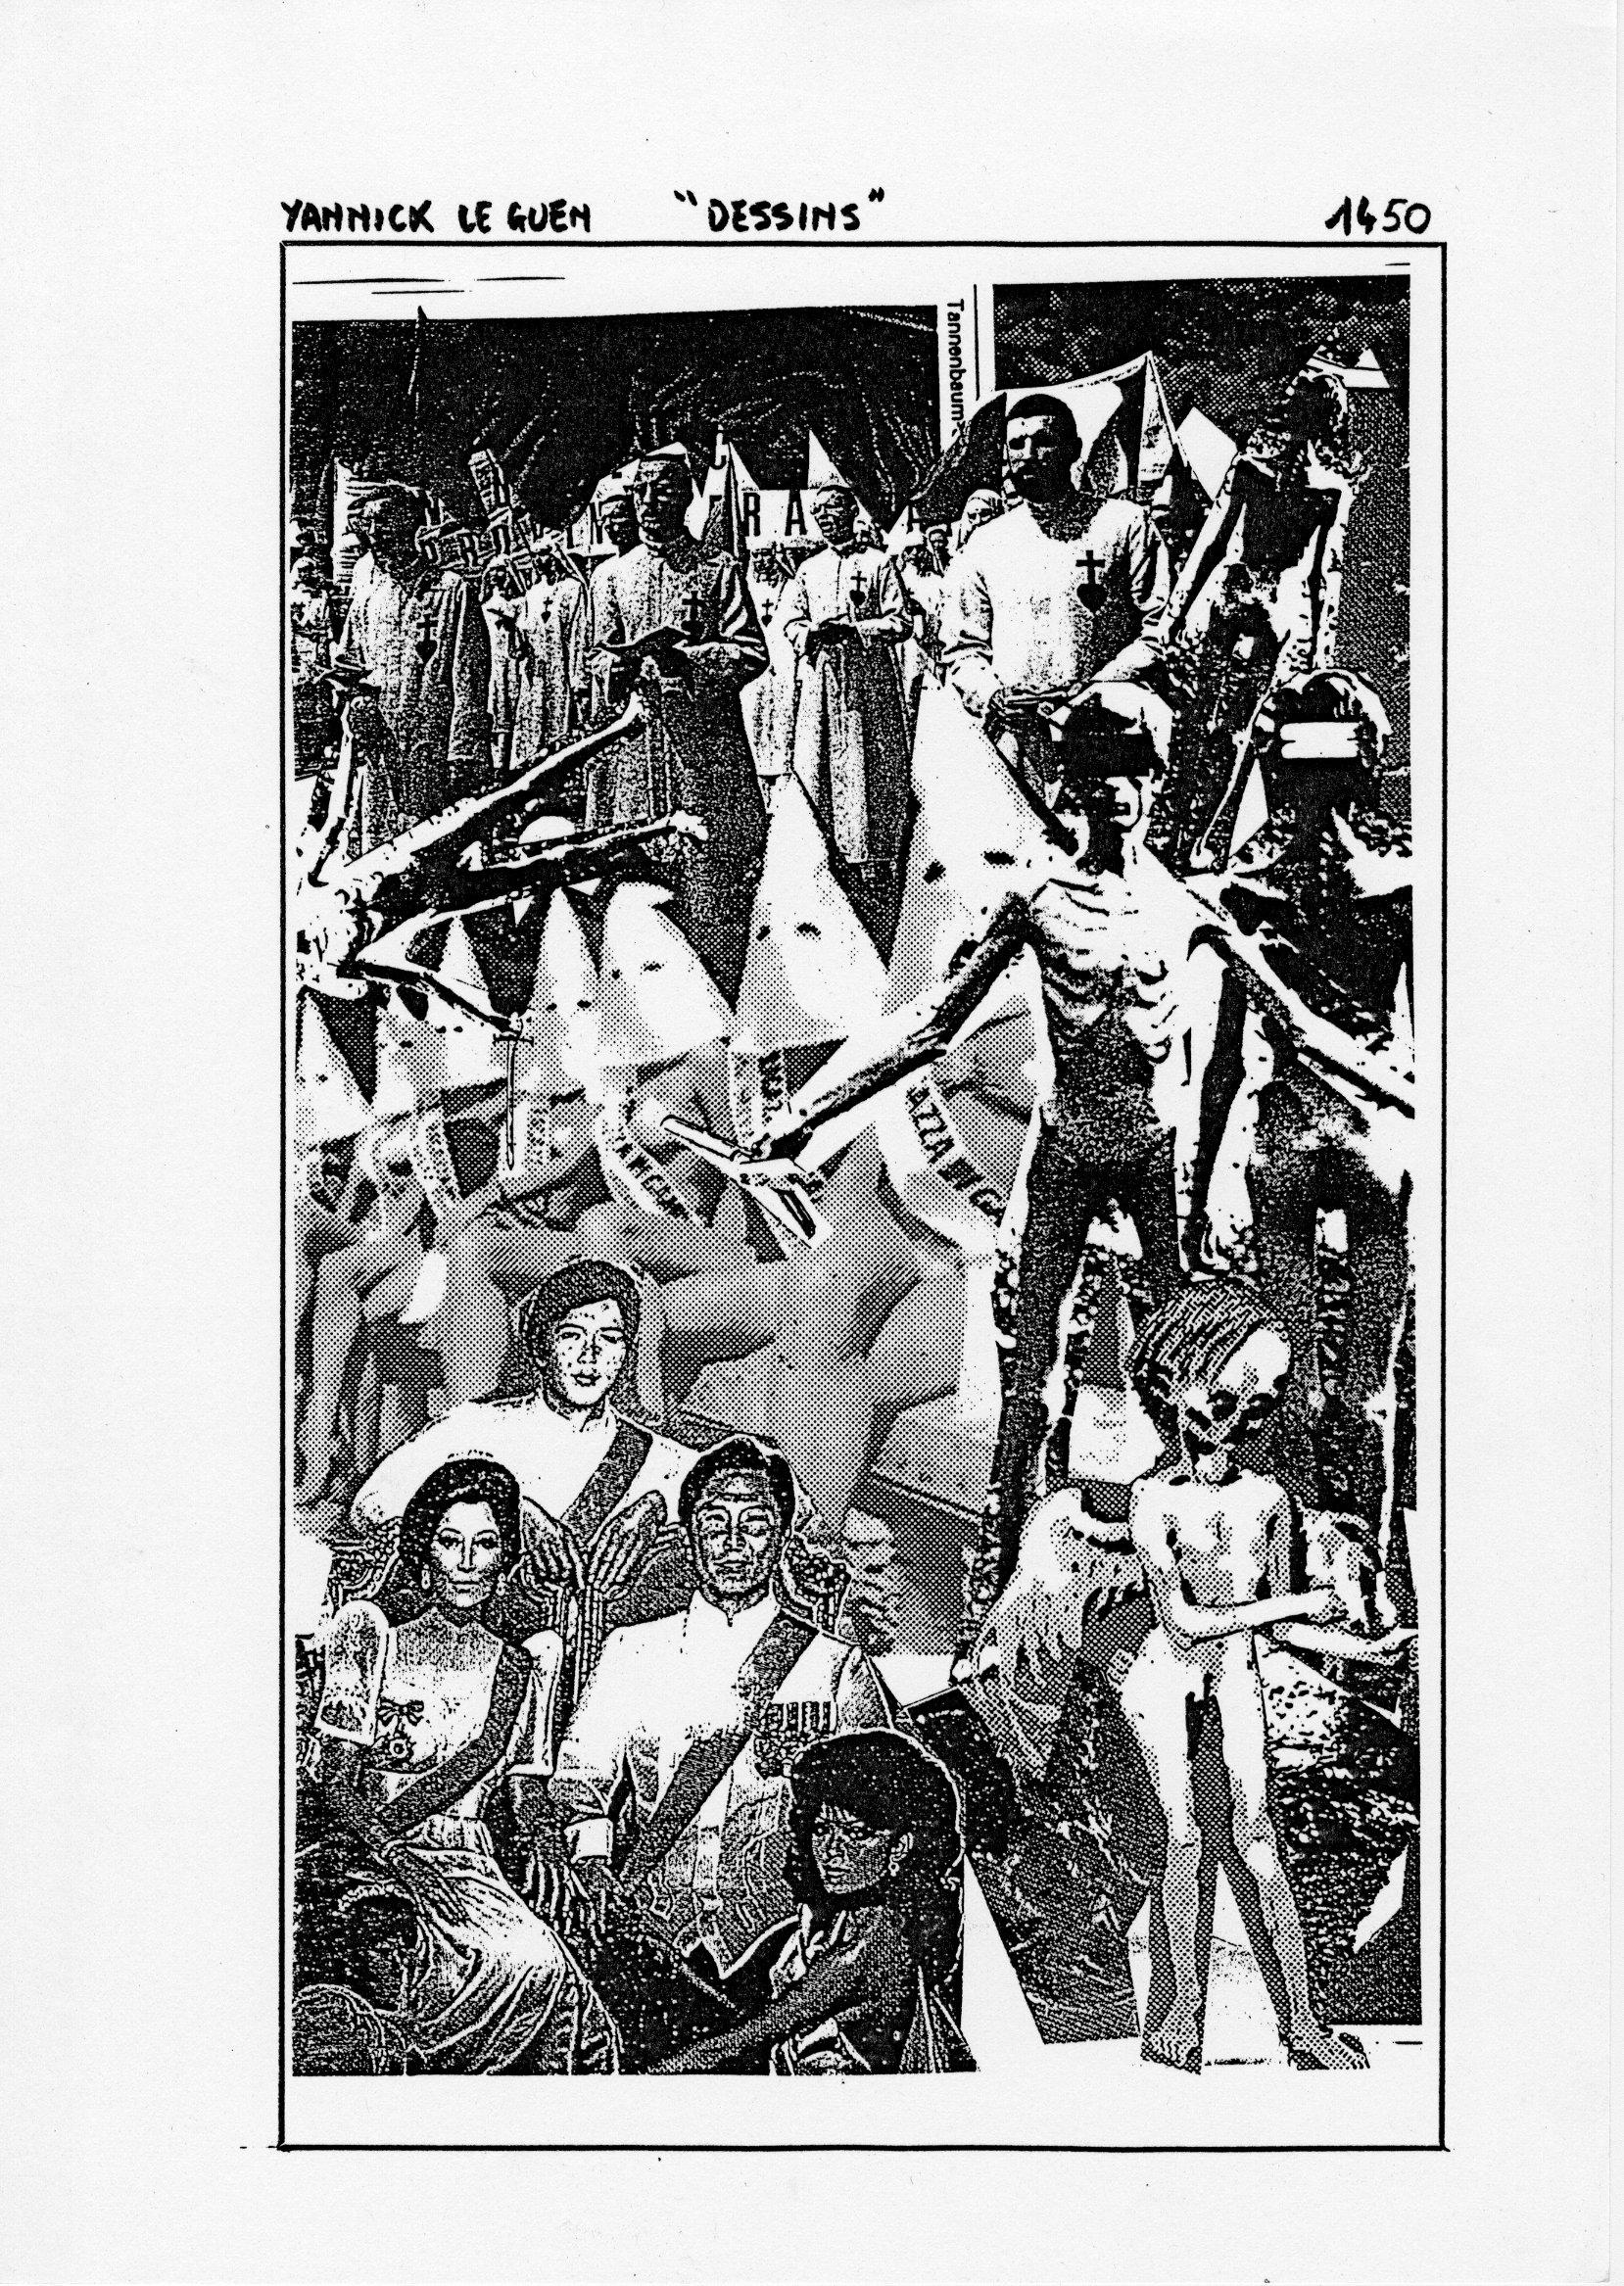 page 1450 Y. Leguen DESSINS